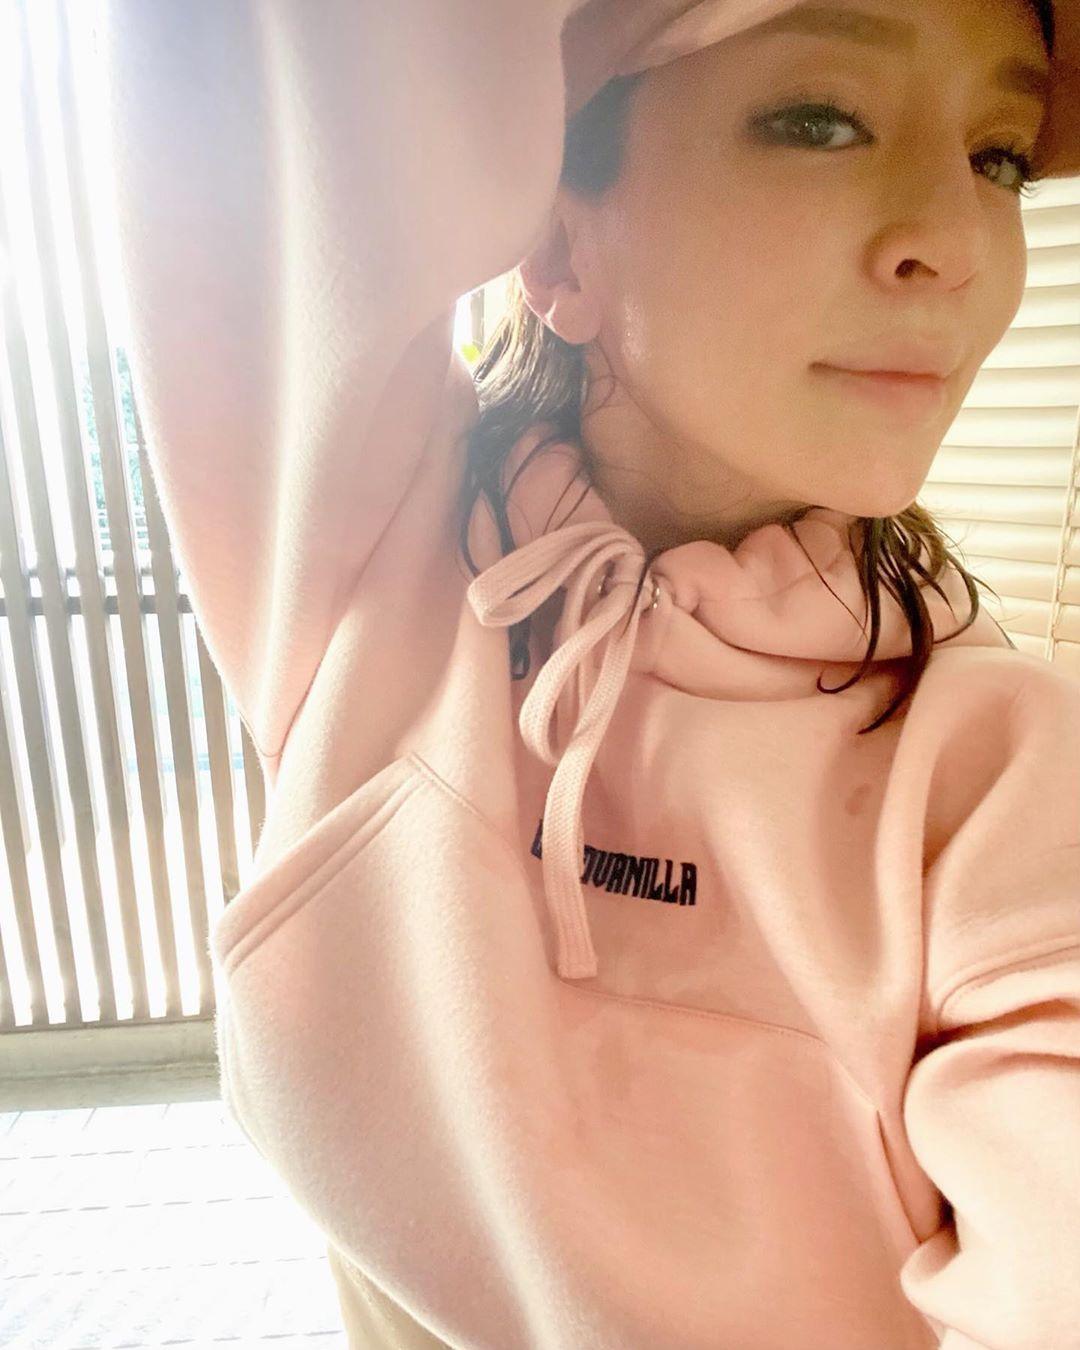 滨崎步公开了强身健体美肤的照片